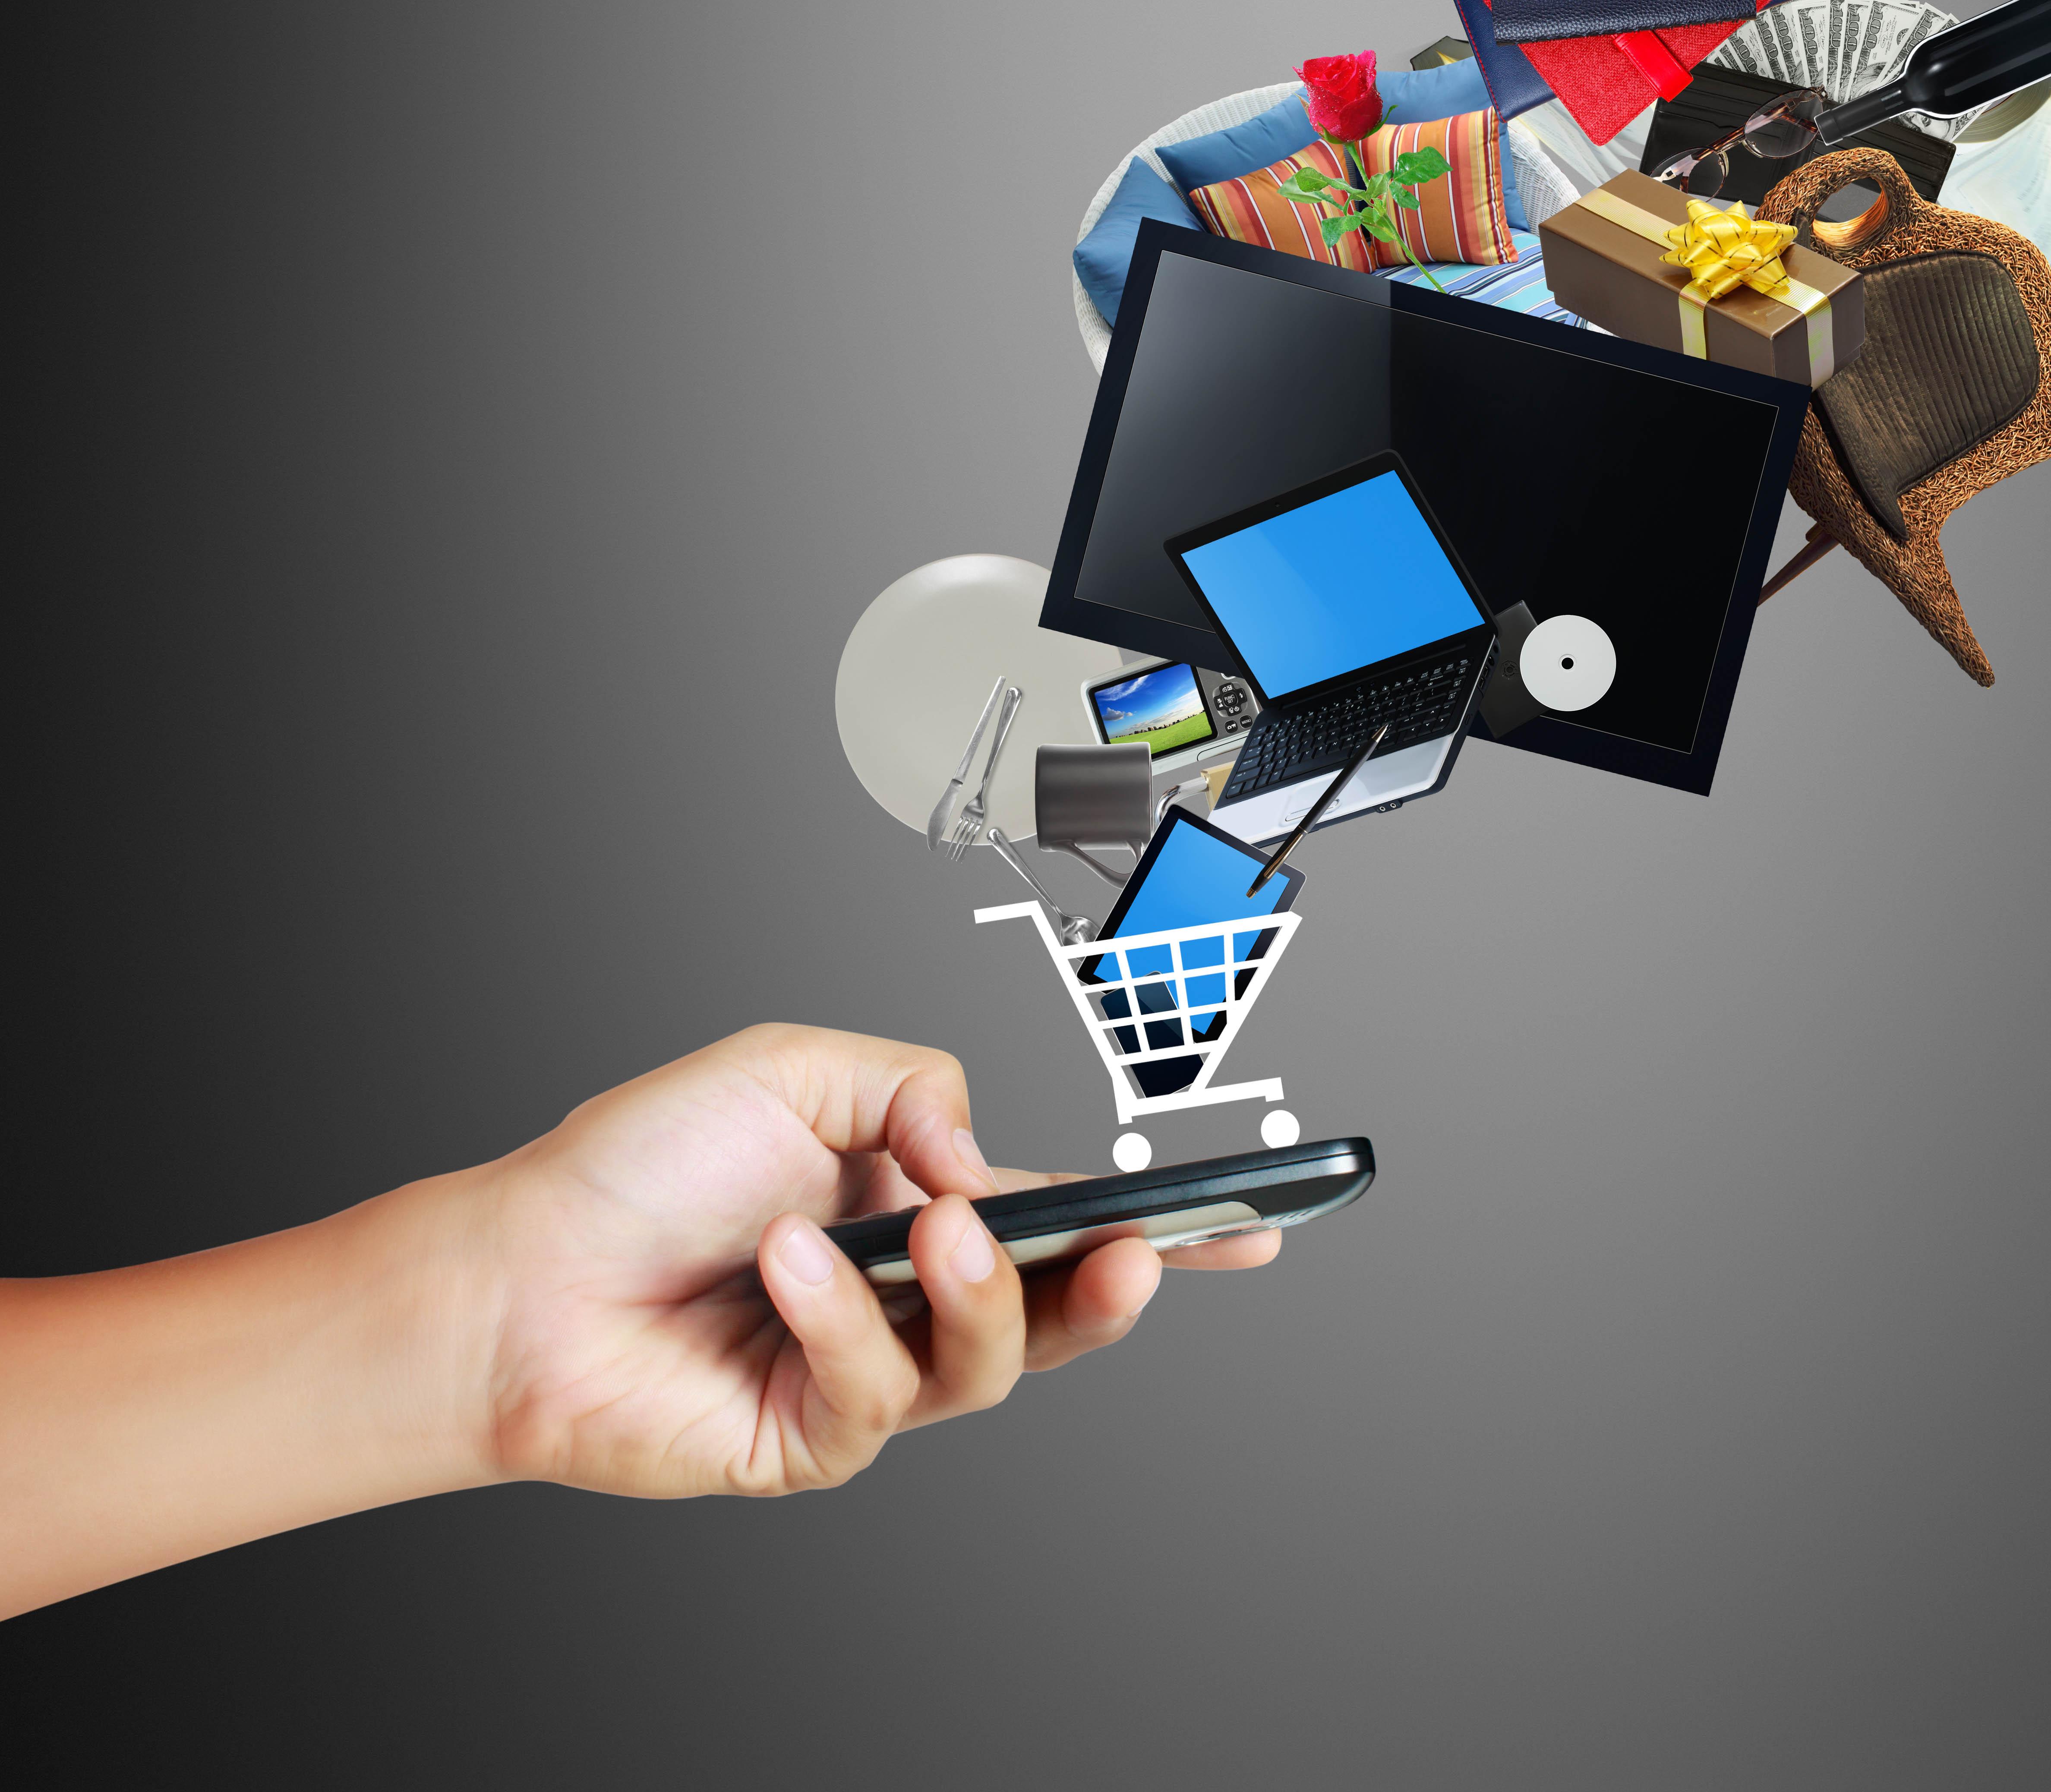 Как совершать оплату покупок с помощью смартфона, оплачивать покупки с Android